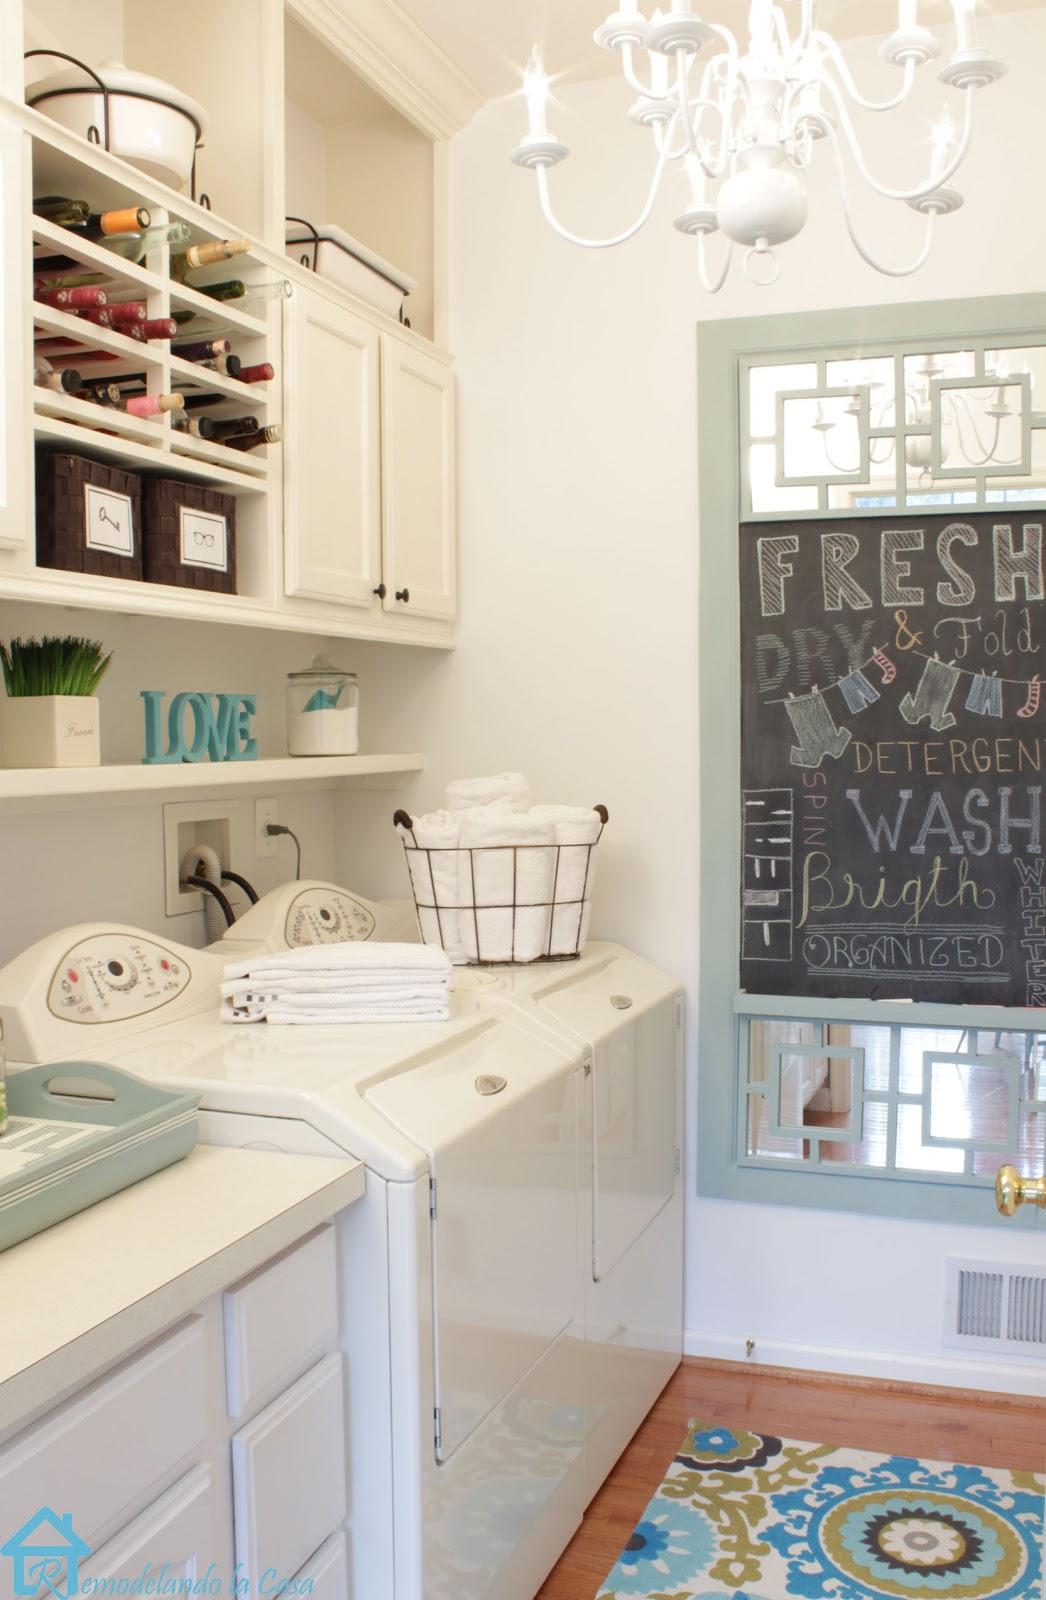 Remodelando la Casa: Diy Chalkboard with Tray